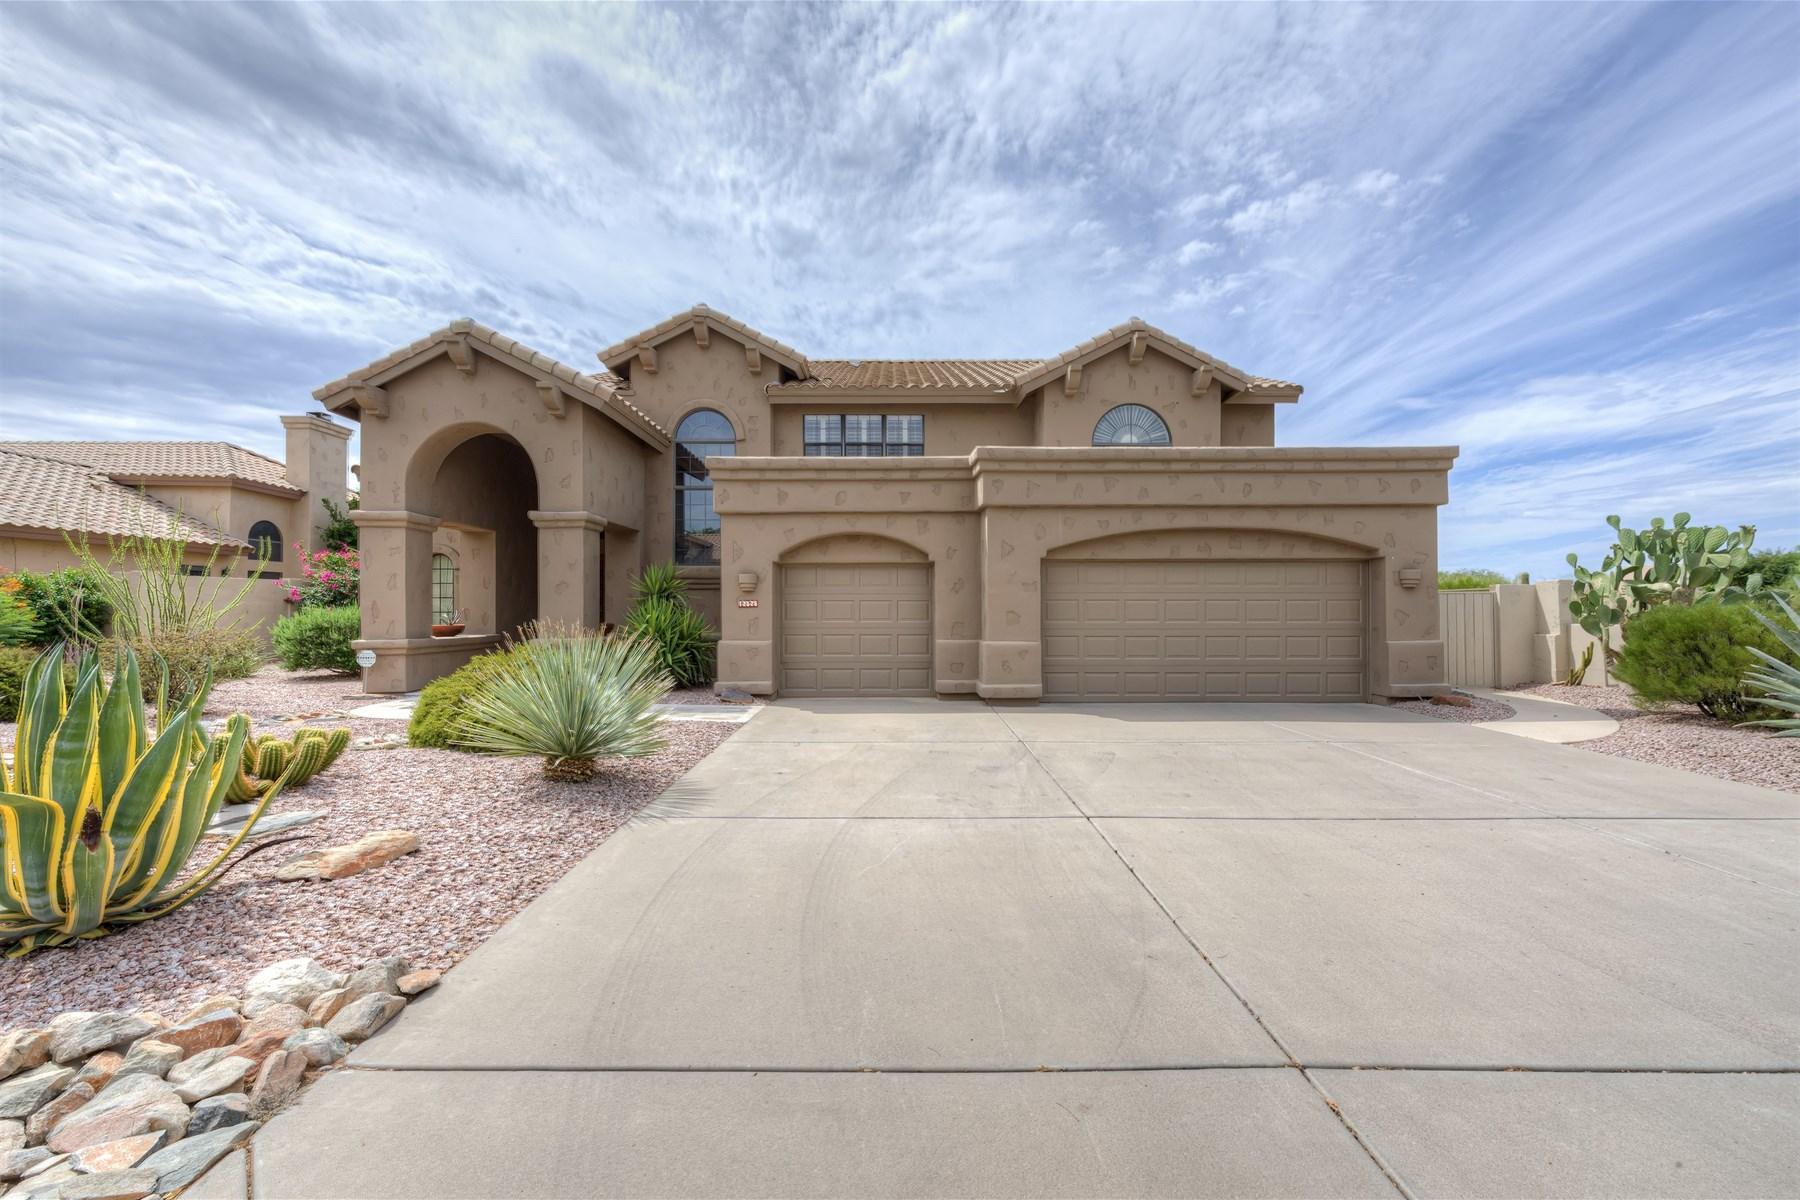 단독 가정 주택 용 매매 에 Fabulous updated home in Sonoran Heights. 12525 E ALTADENA AVE Scottsdale, 아리조나 85259 미국